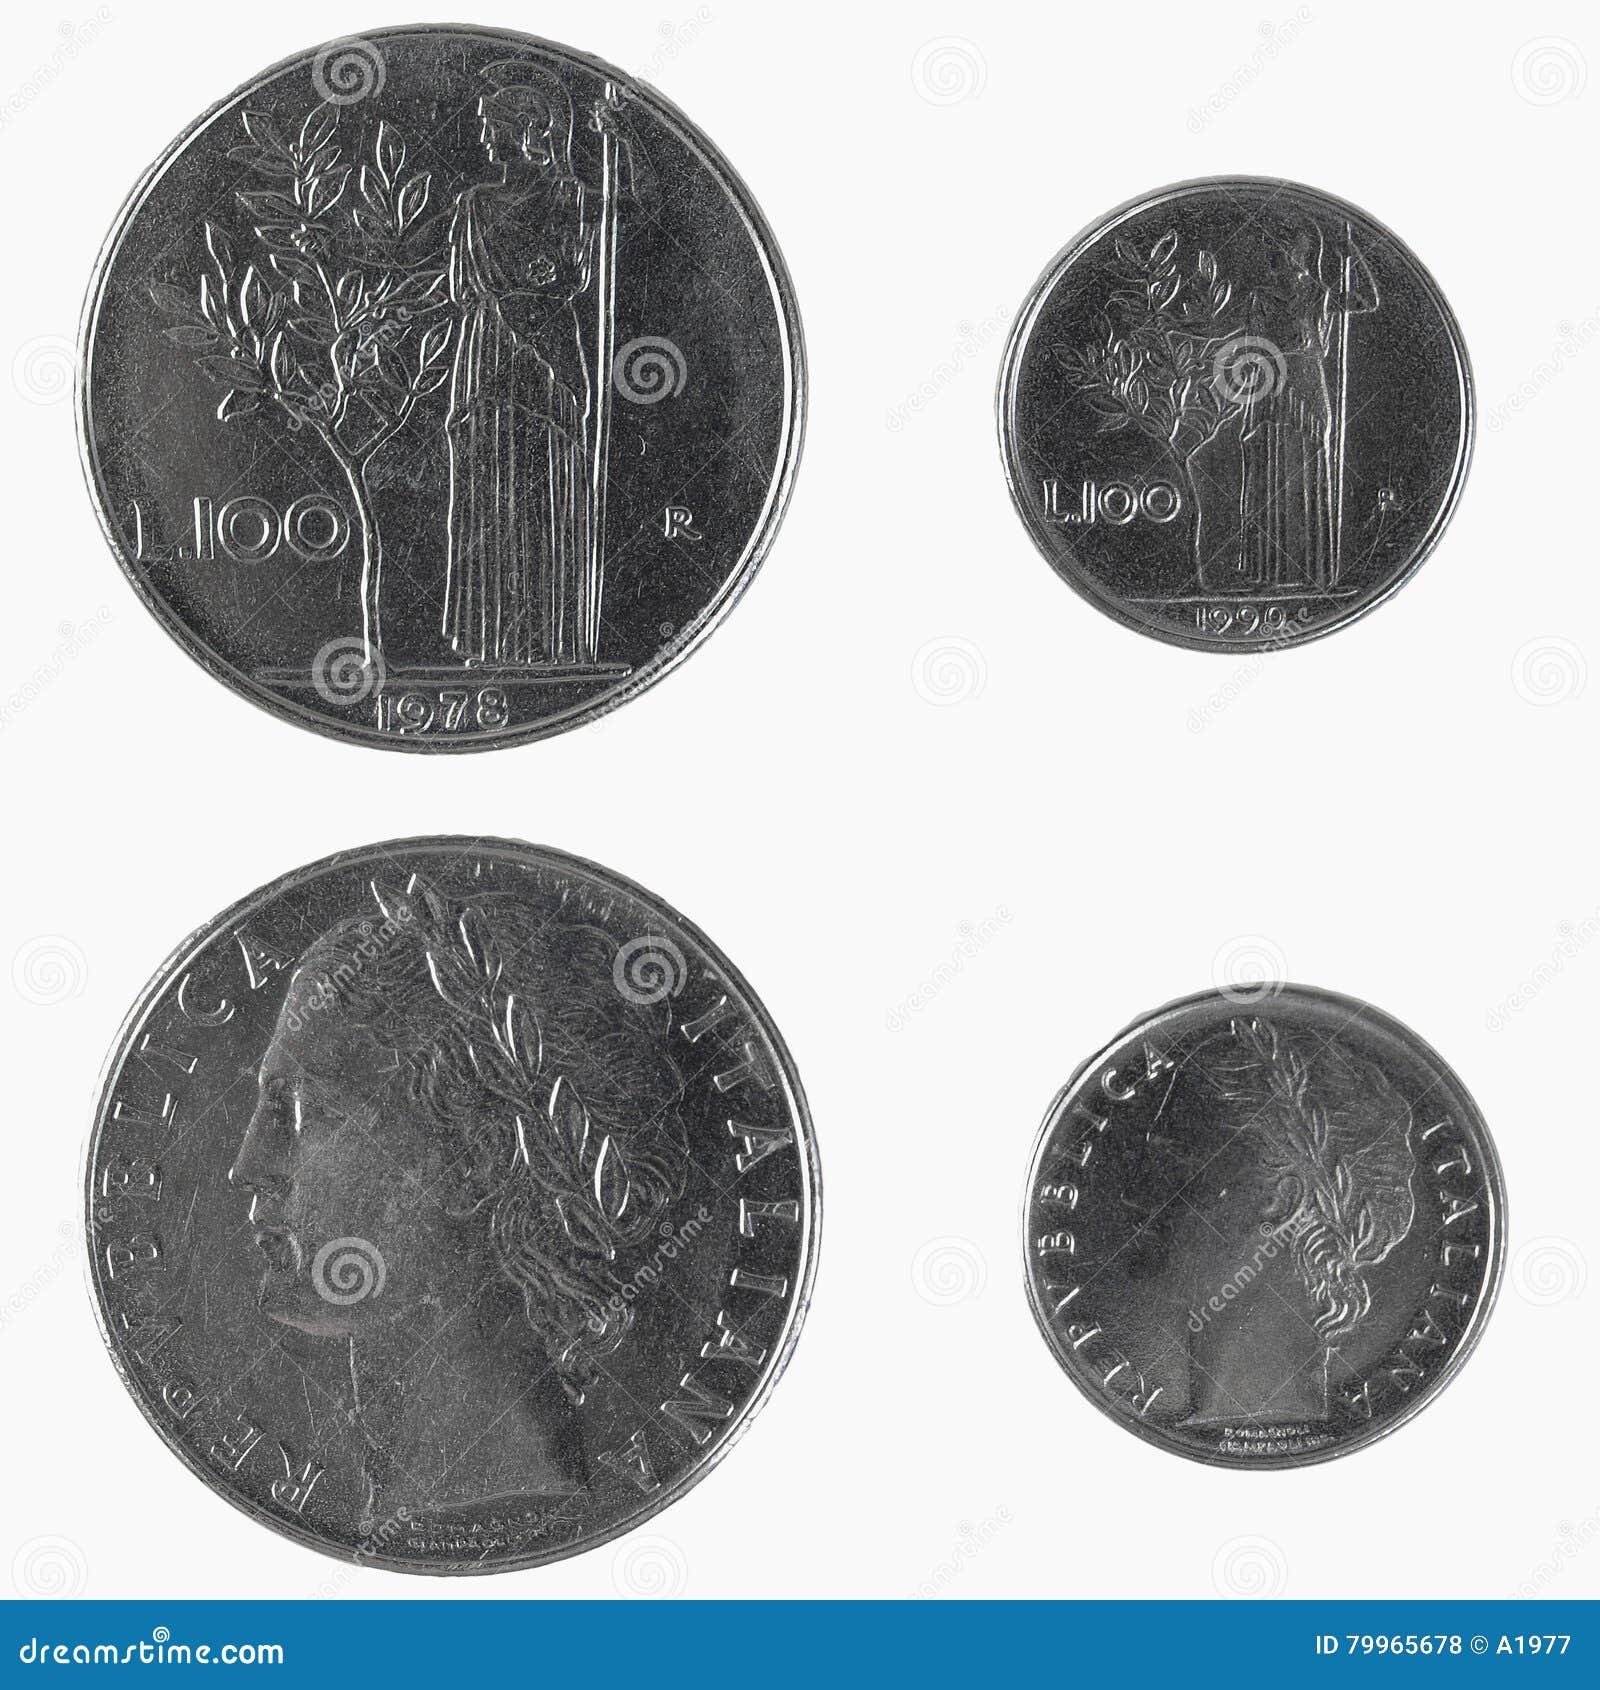 100 Italienische Lire Münze Stockfoto Bild Von Größe Earn 79965678